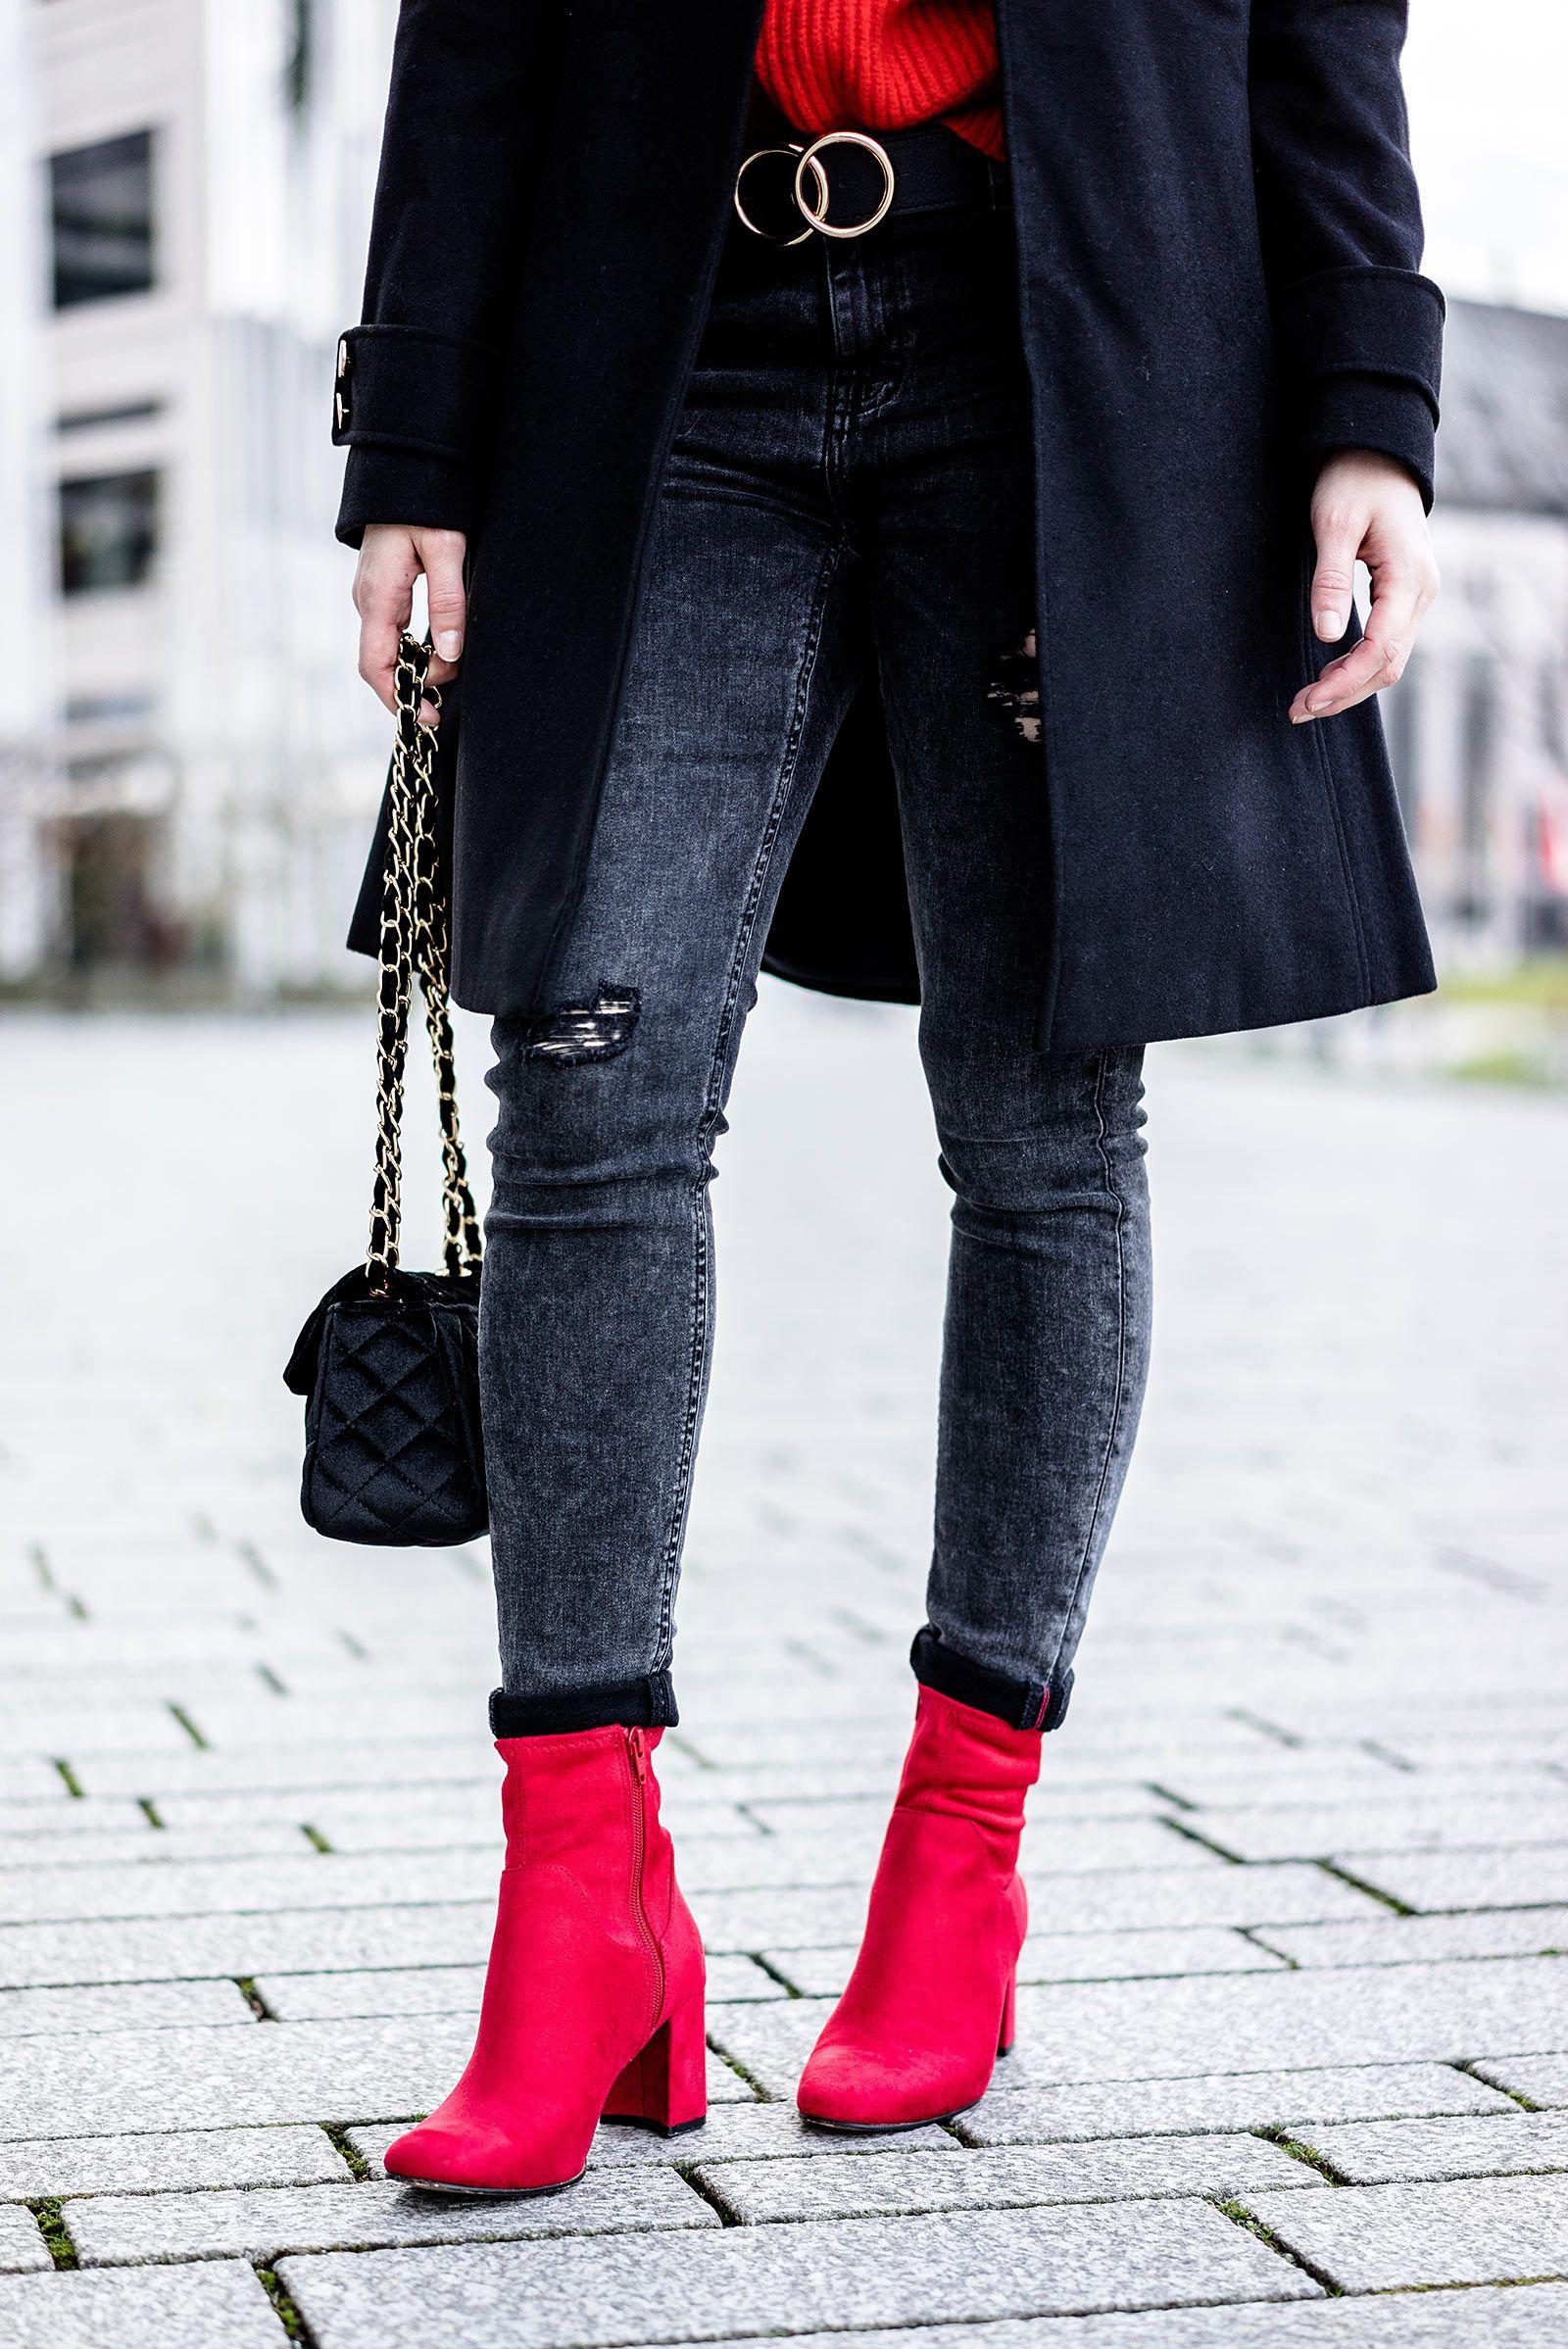 Faszinierend Stiefeletten Kombinieren Ideen Von Rote Schuhe – So Geht